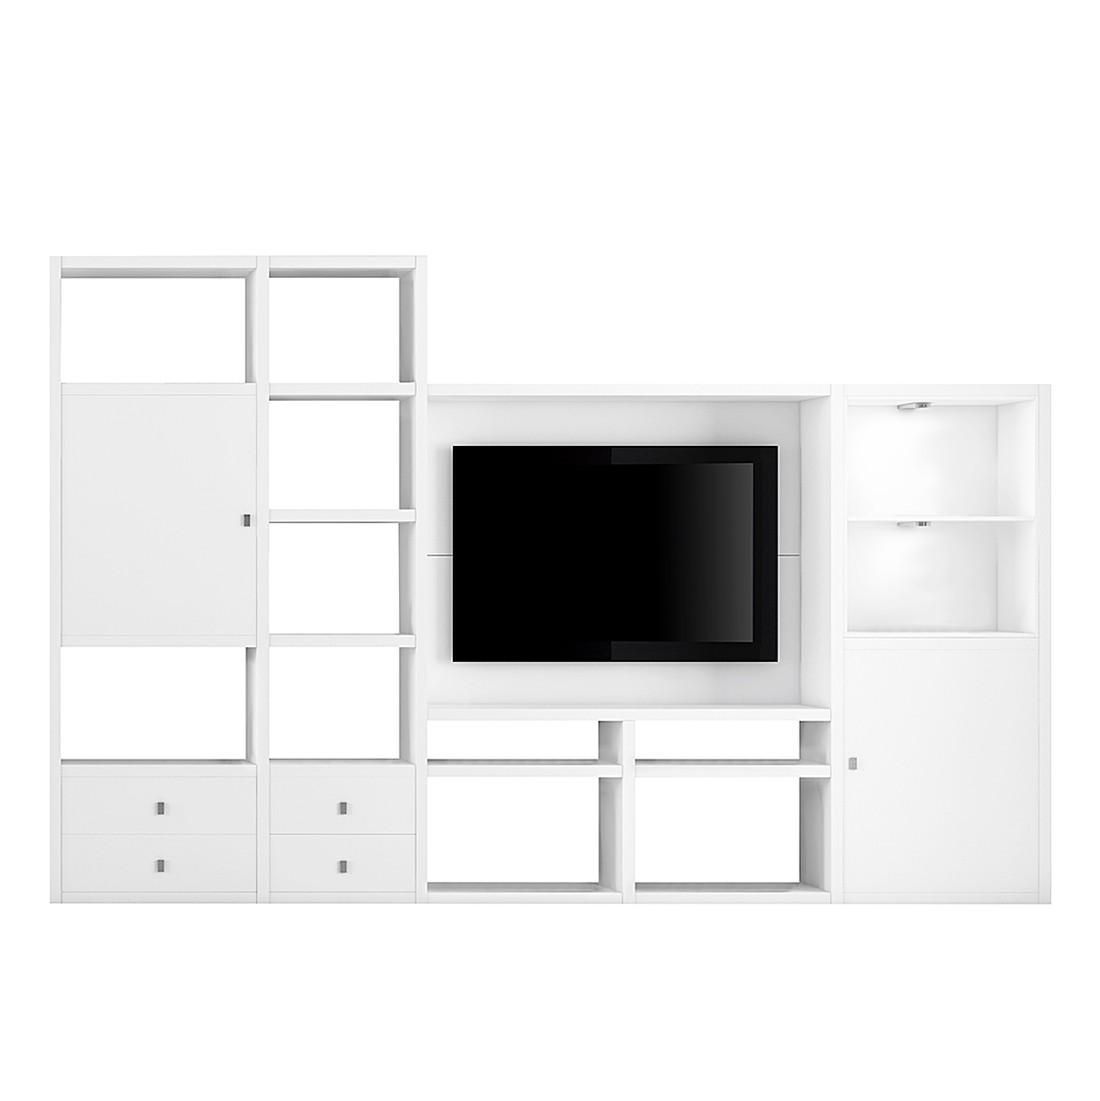 home24 TV-Wand Emporior II | Wohnzimmer > TV-HiFi-Möbel > TV-Wände | Weiss | Fredriks